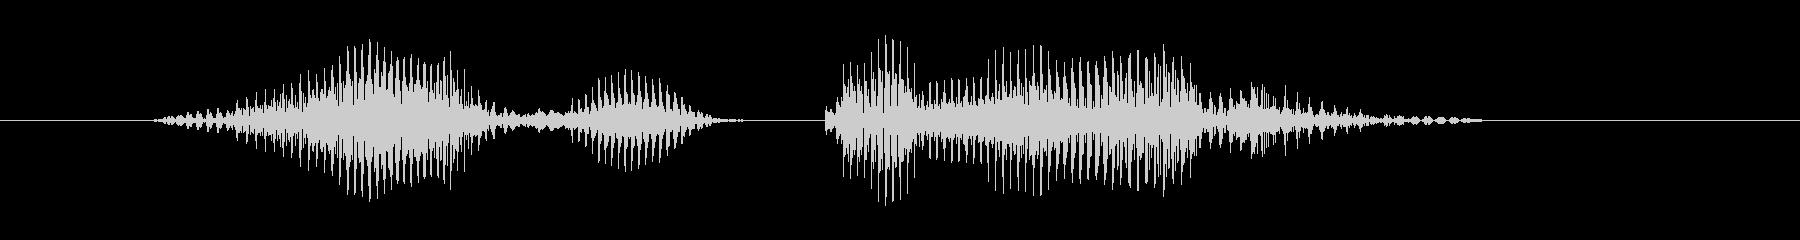 ノーヒット・ノーランの未再生の波形